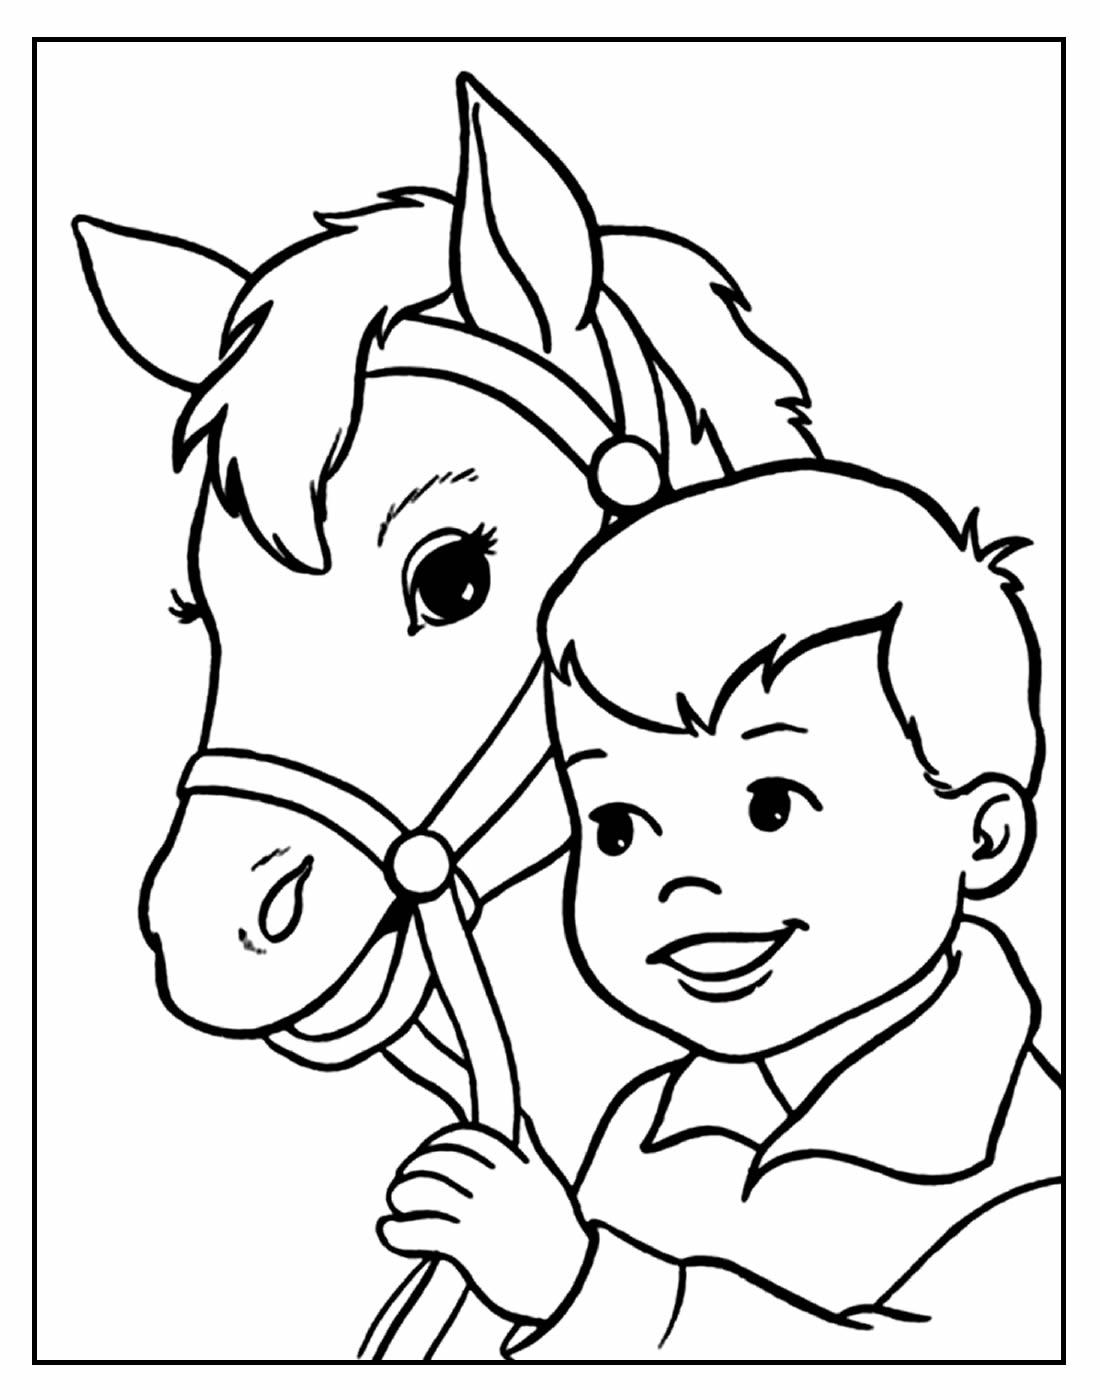 Desenho para colorir de Cavalo e Menino